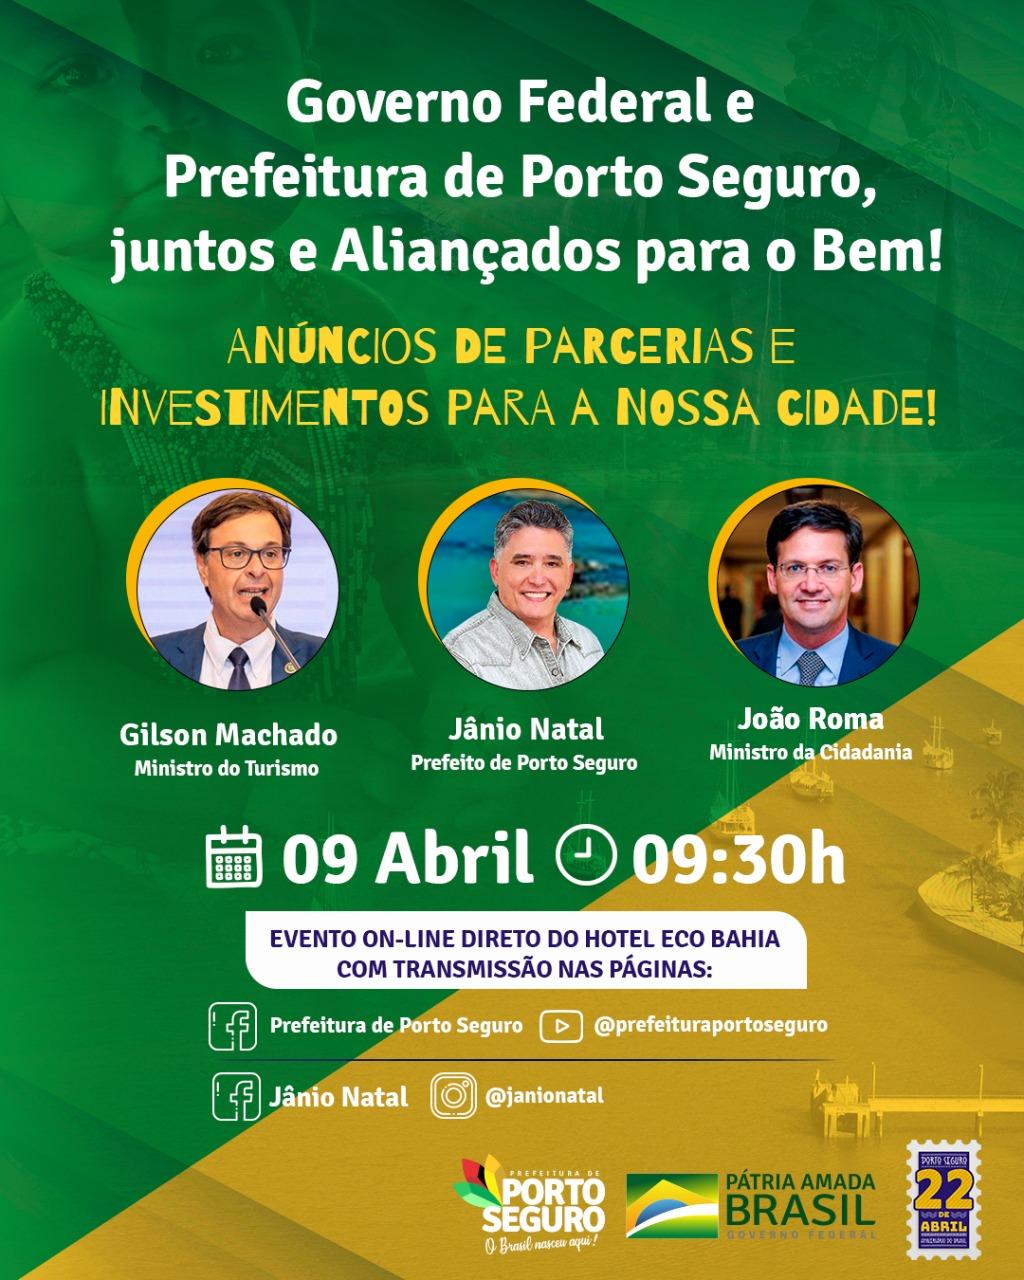 Governo Federal e Prefeitura de Porto Seguro, juntos e aliançados para o bem 18